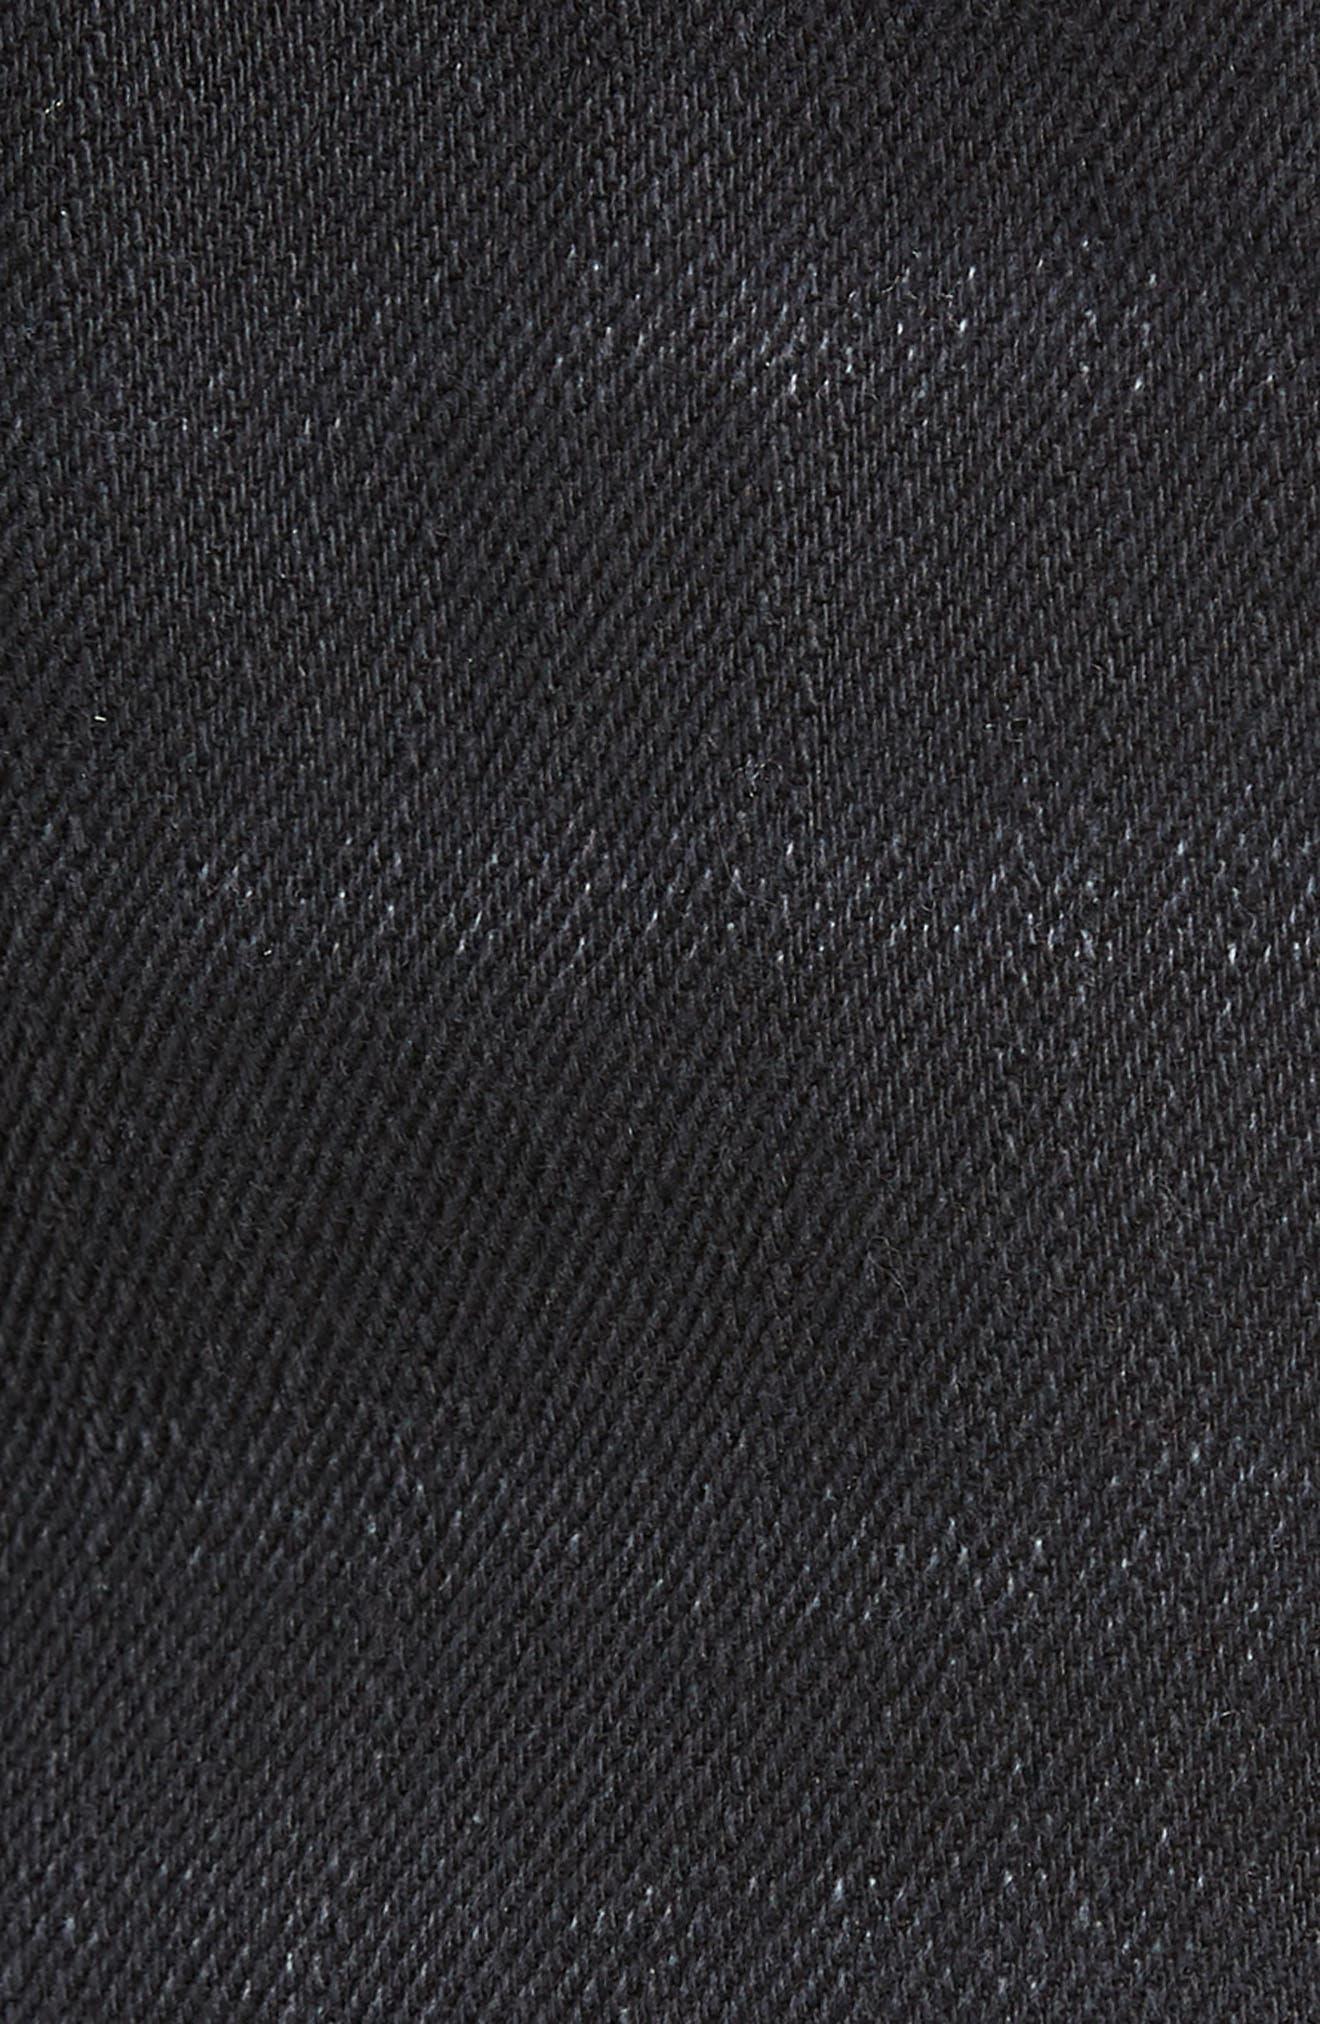 Fray Hem Denim Shorts,                             Alternate thumbnail 6, color,                             001